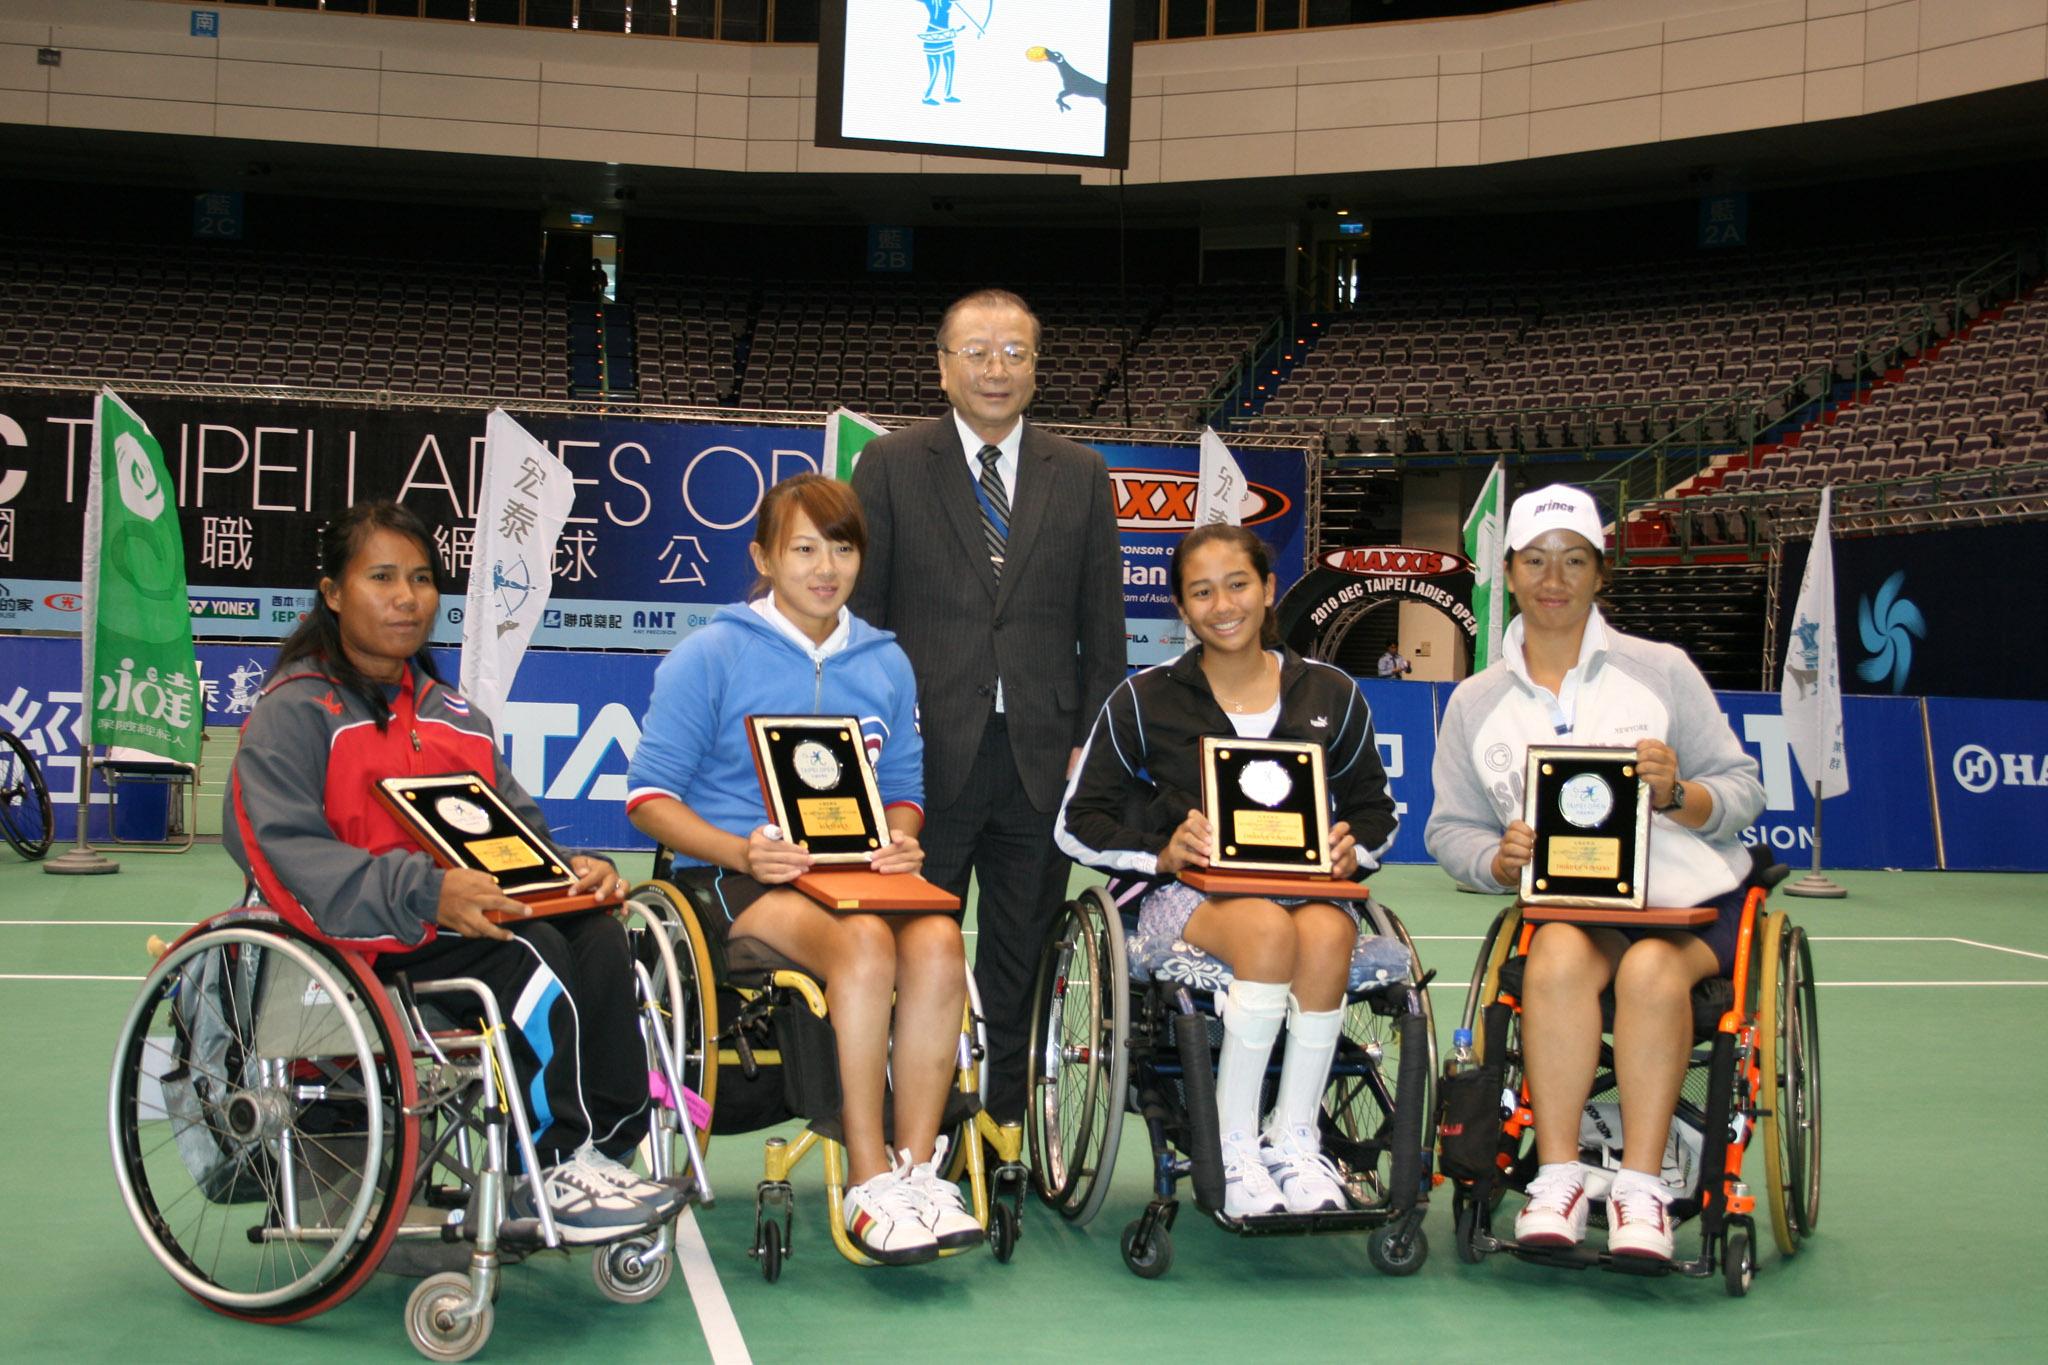 台北市教育局康宗虎局長頒發女子雙打冠軍及亞軍獎牌。